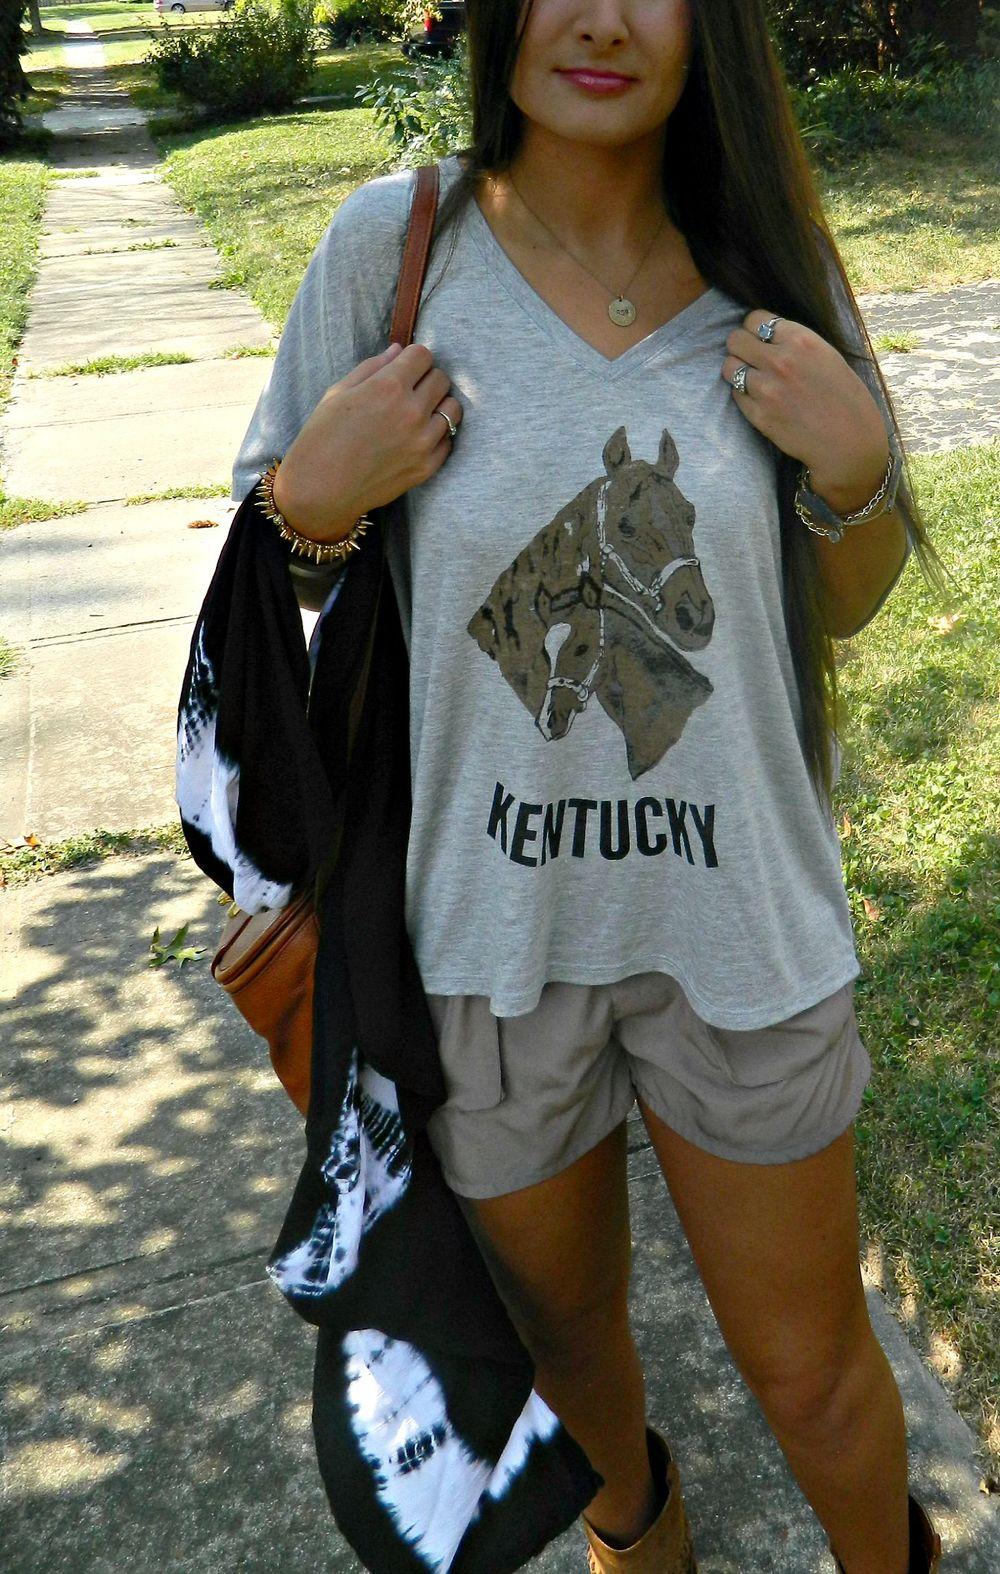 Weekend Wardrobe The Kentucky Souvenir Tee Gathered Mercantile - 859 area code